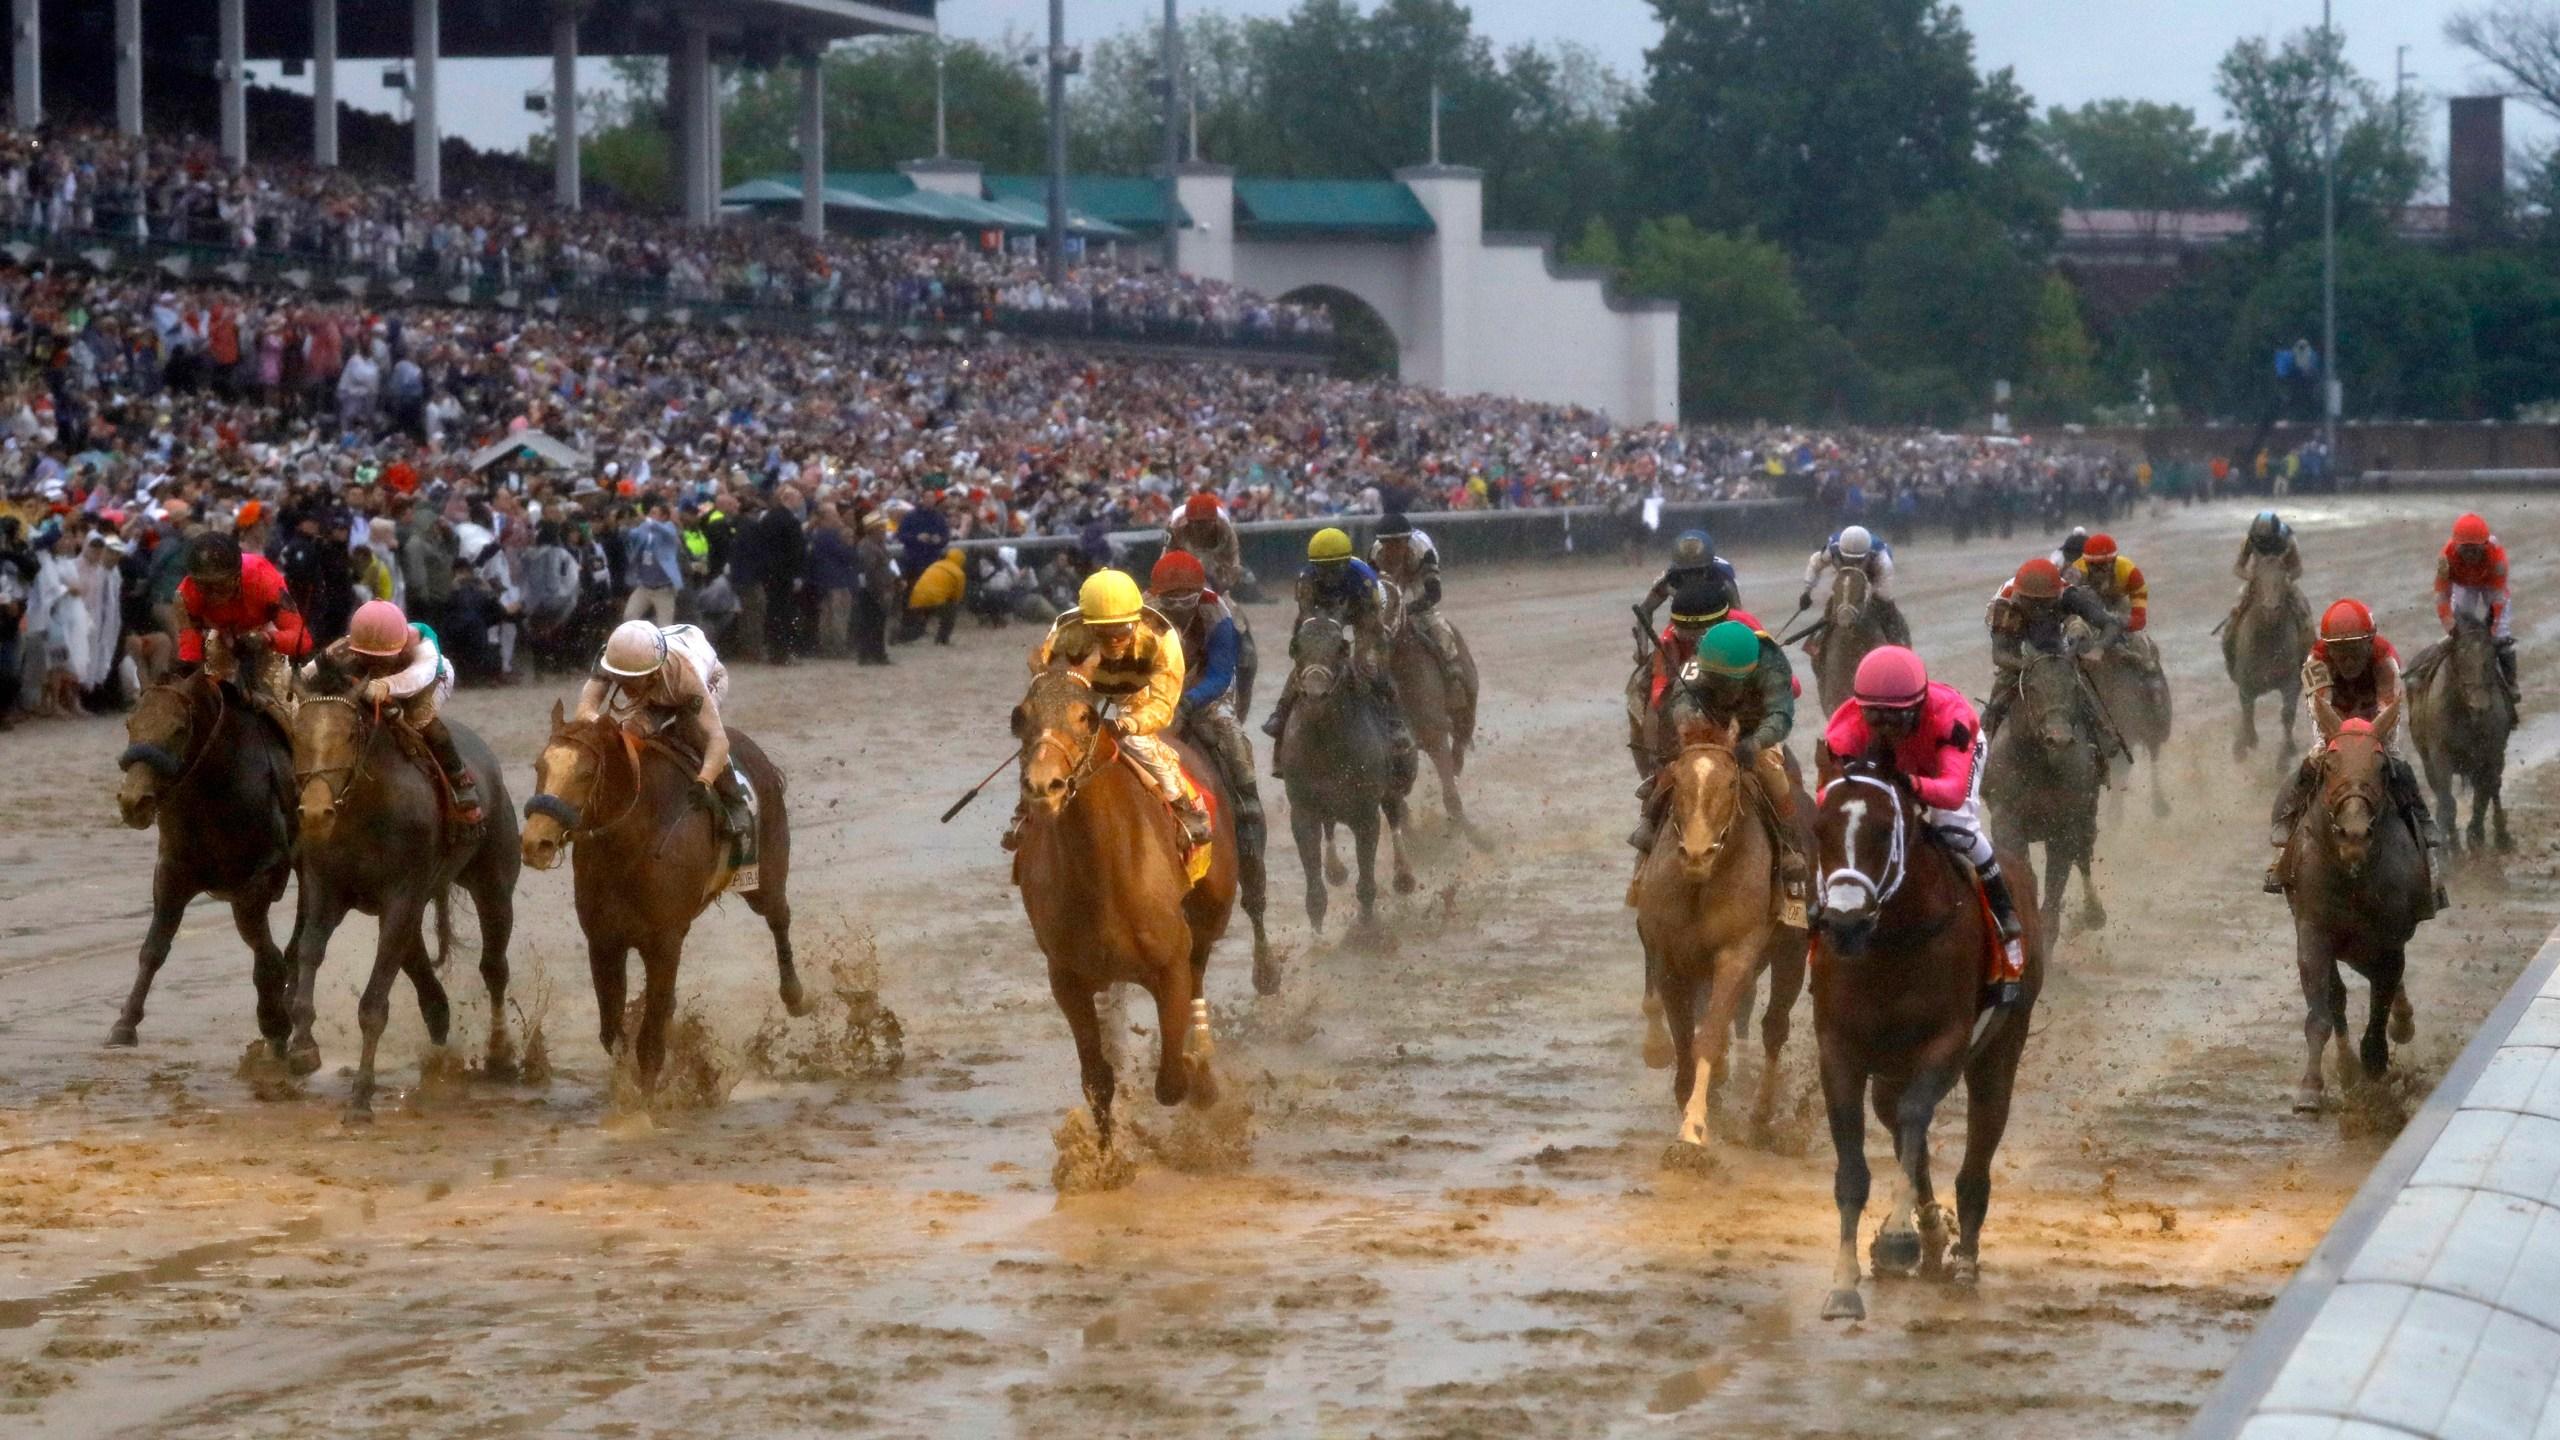 Kentucky_Derby_Horse_Racing_07321-159532.jpg88414004